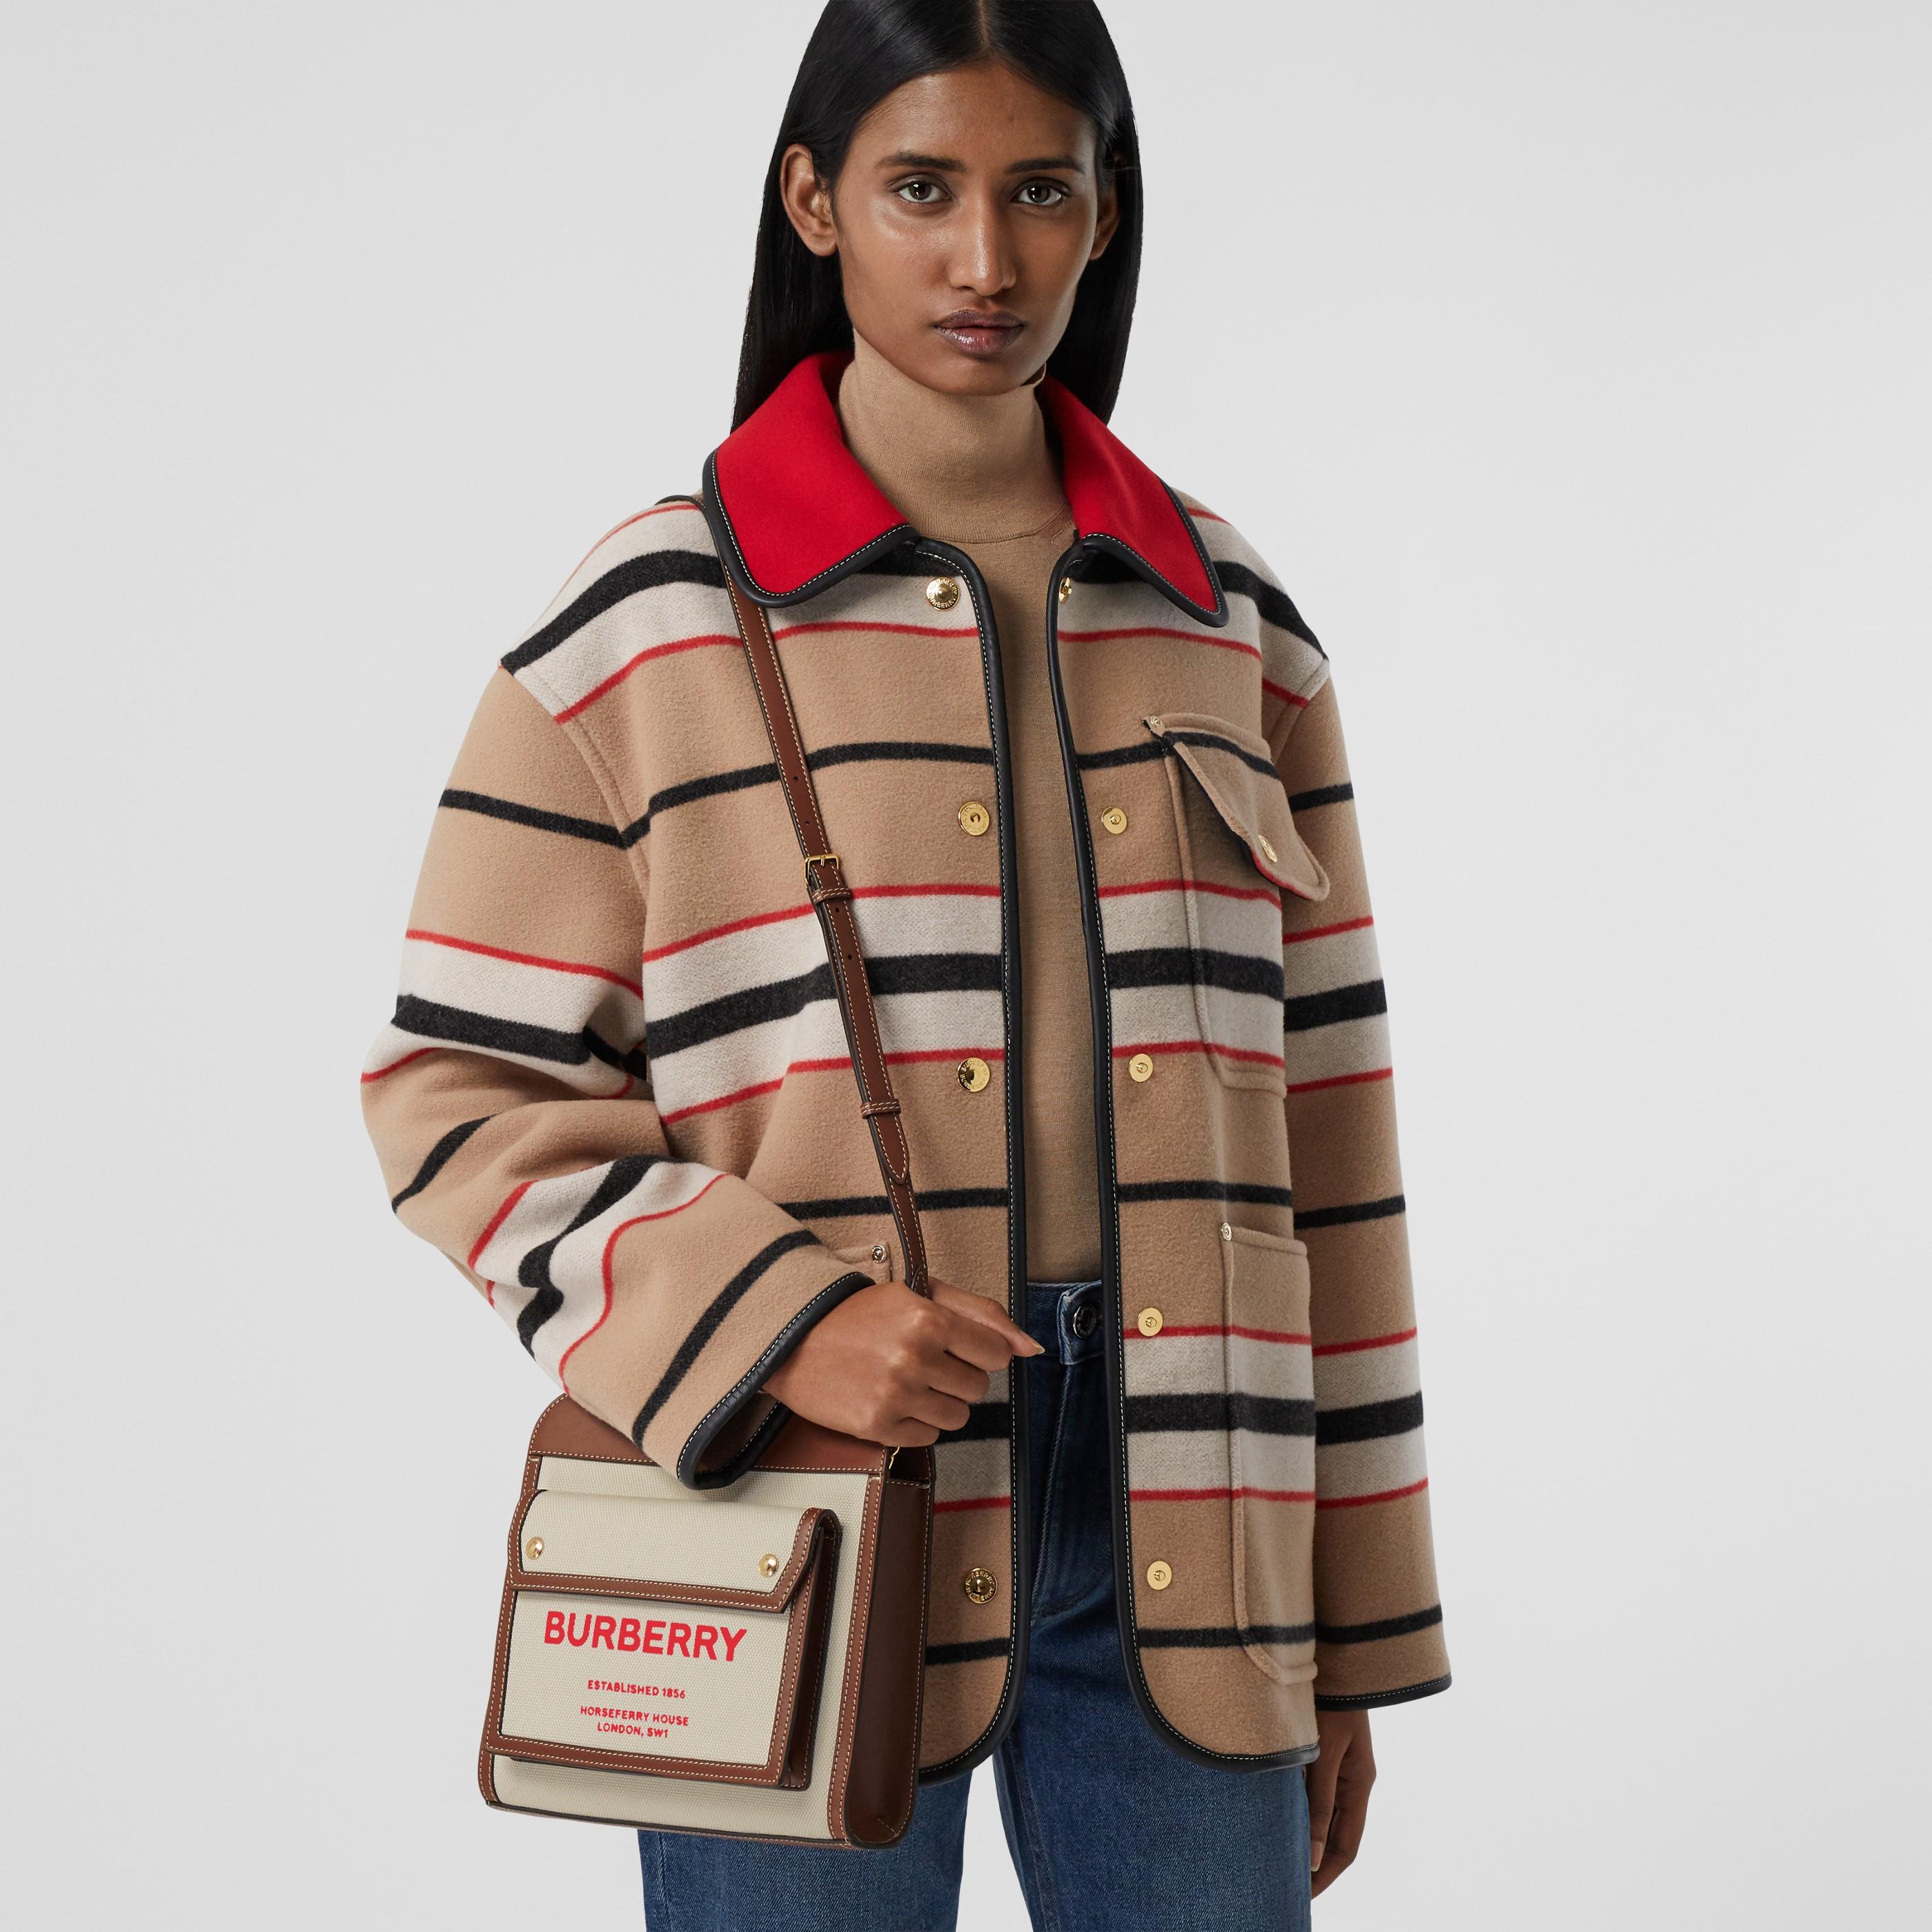 Borsa Pocket mini bicolore in tela e pelle (Naturale/marroncino) - Donna   Burberry - 3